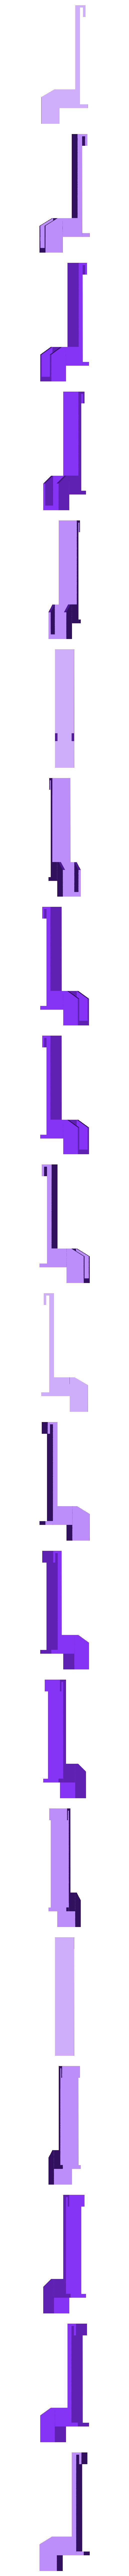 Rear_Bracket.stl Télécharger fichier STL gratuit Support d'alimentation pour Printrbot Play • Objet pour imprimante 3D, Reneton